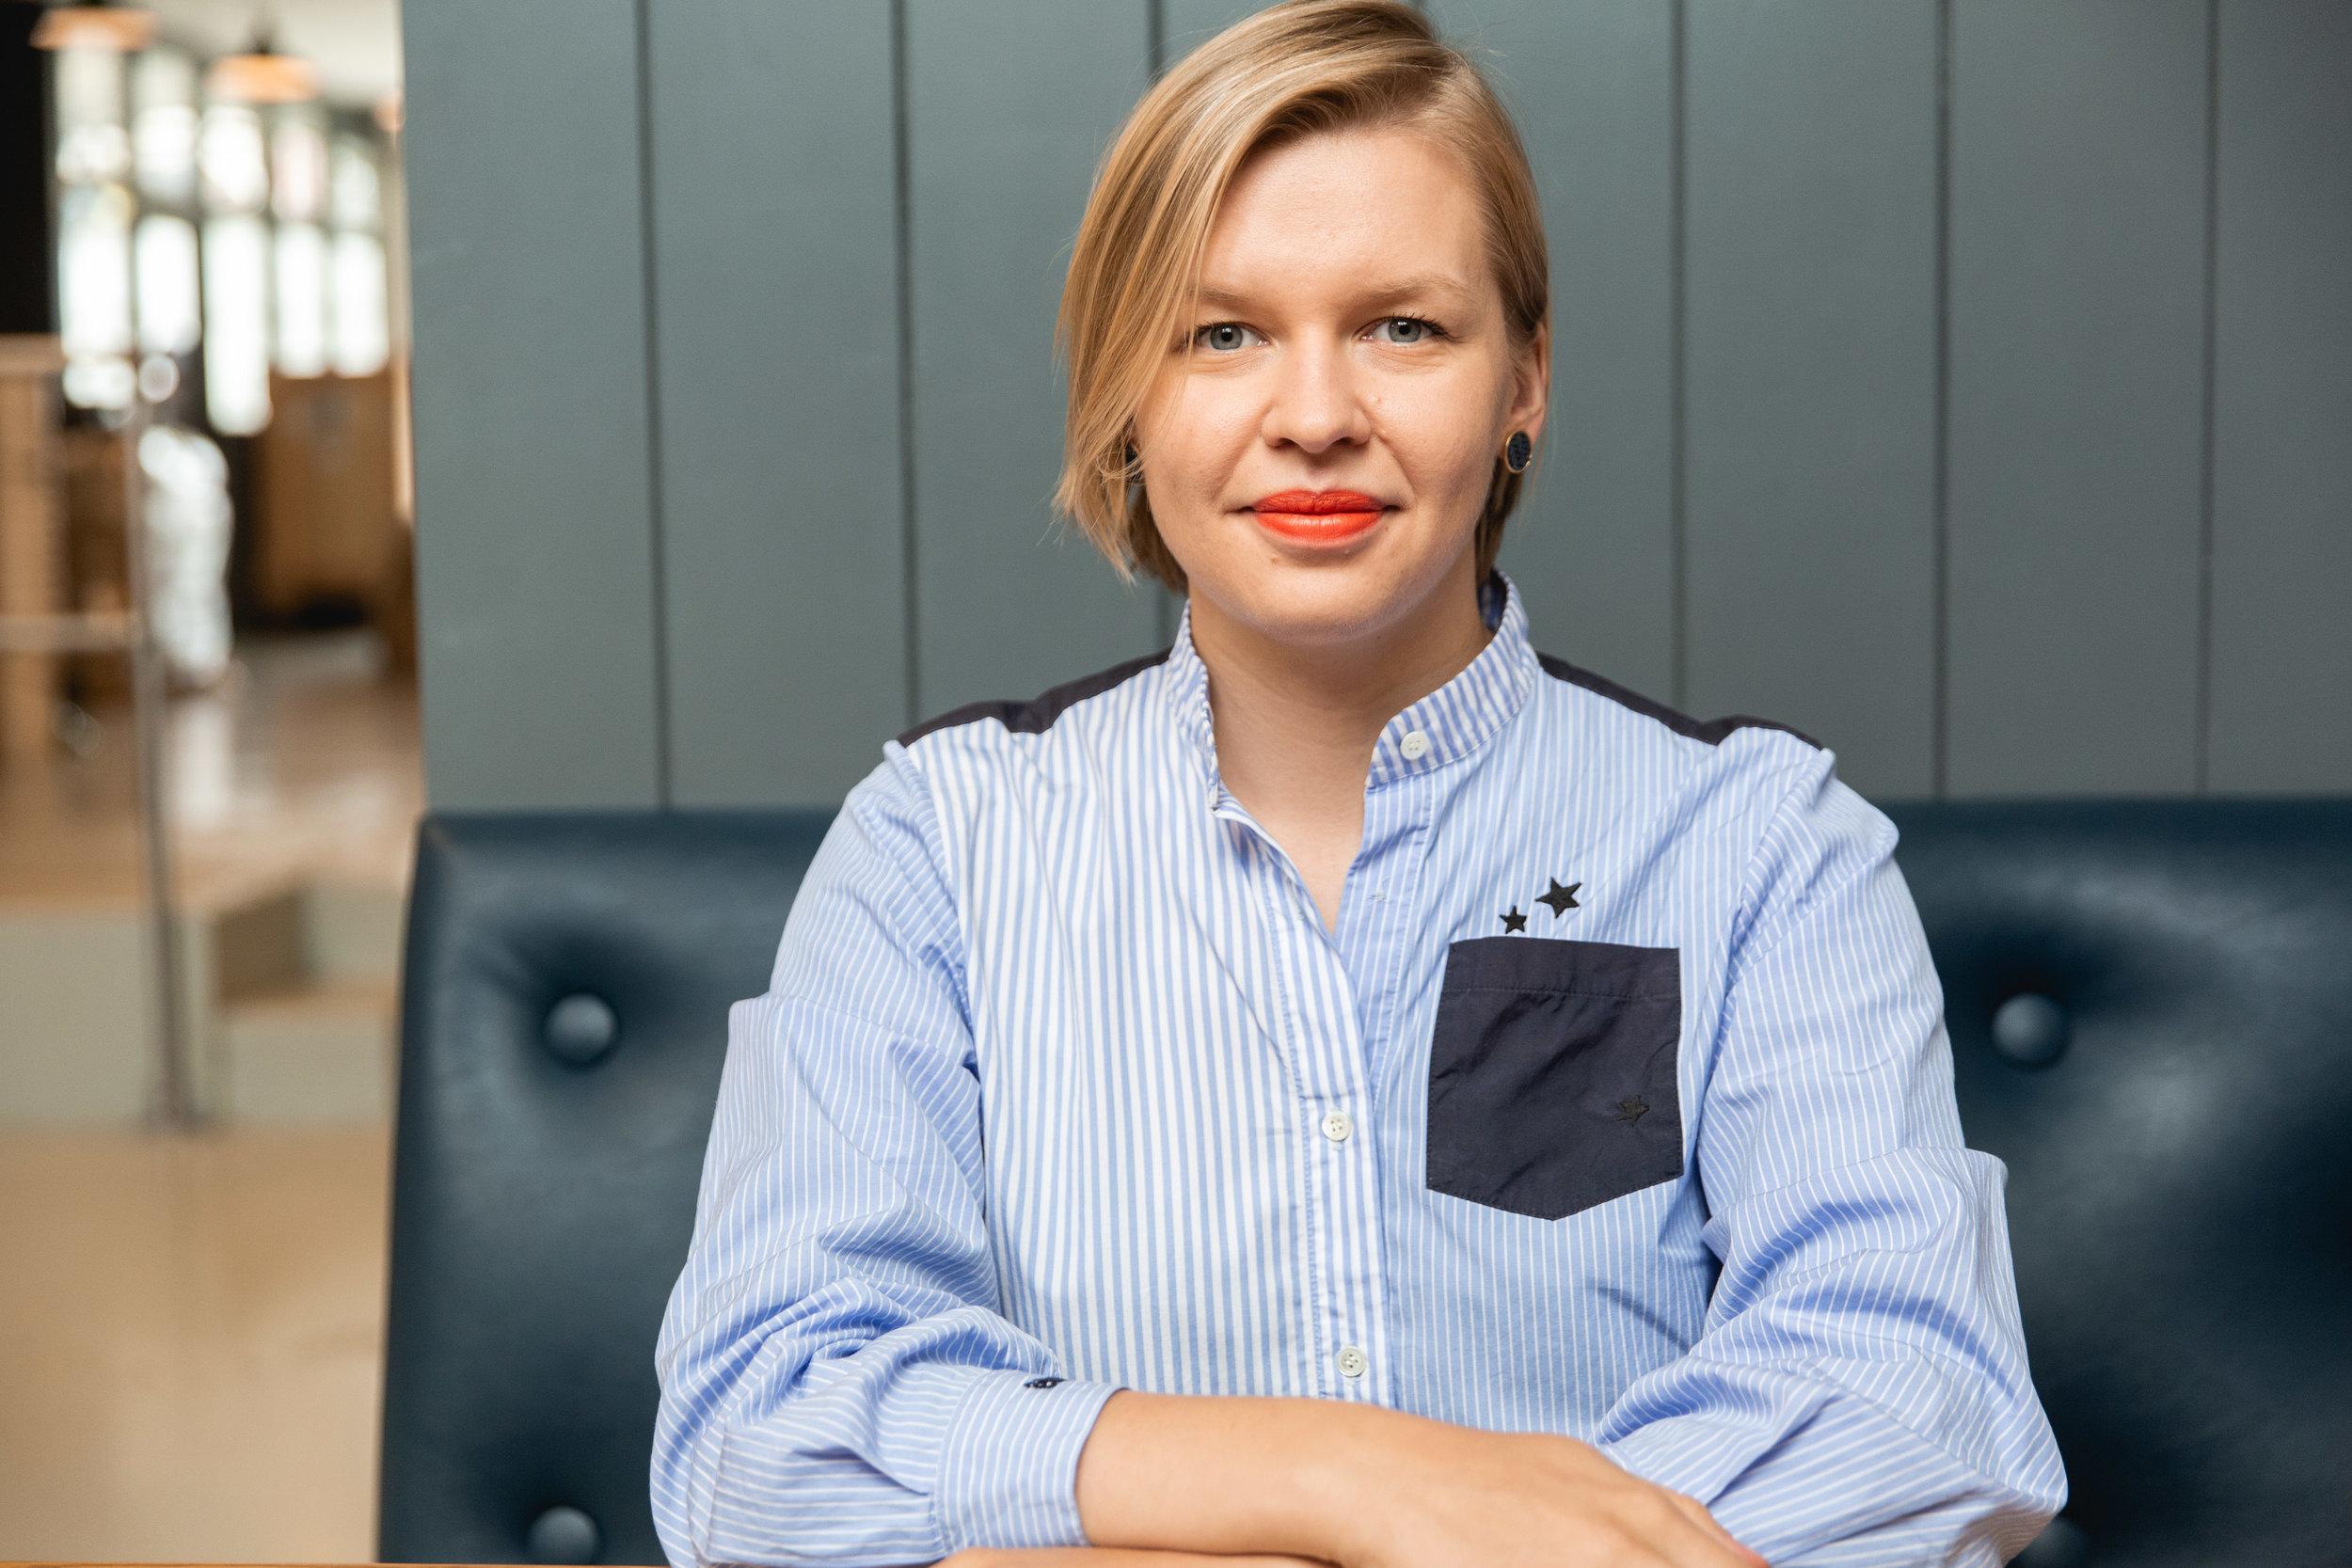 Ruta Sasnauskaite — Paris and EU Business Development Manager